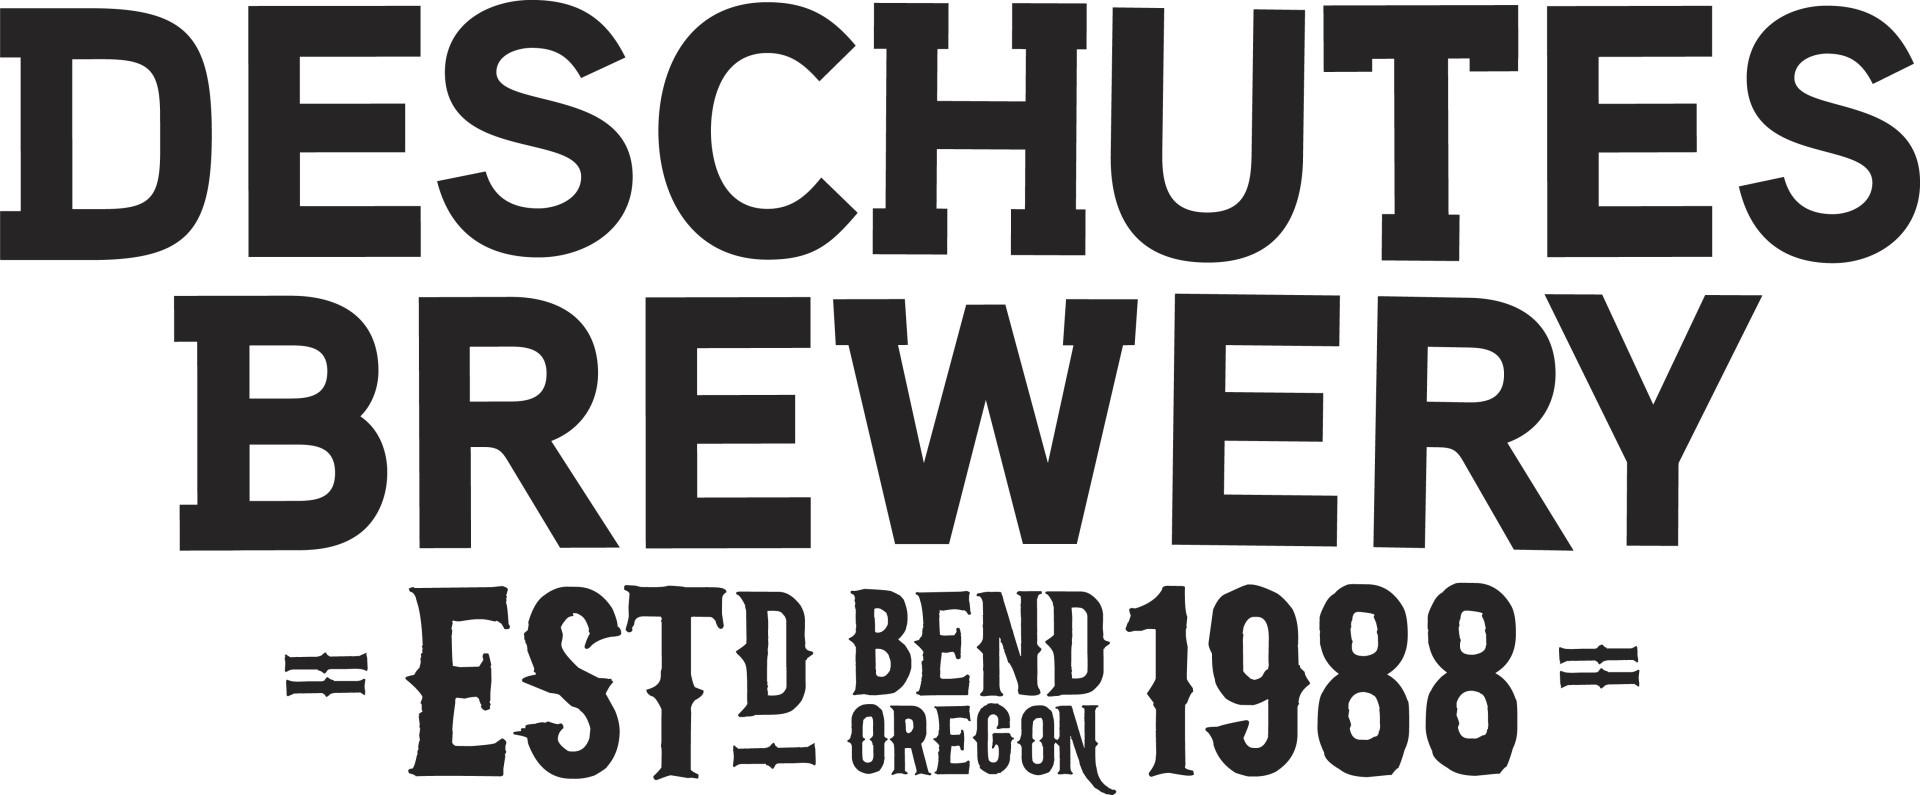 Karl Ockert Joins Deschutes Brewery as Director of Brewery Operations